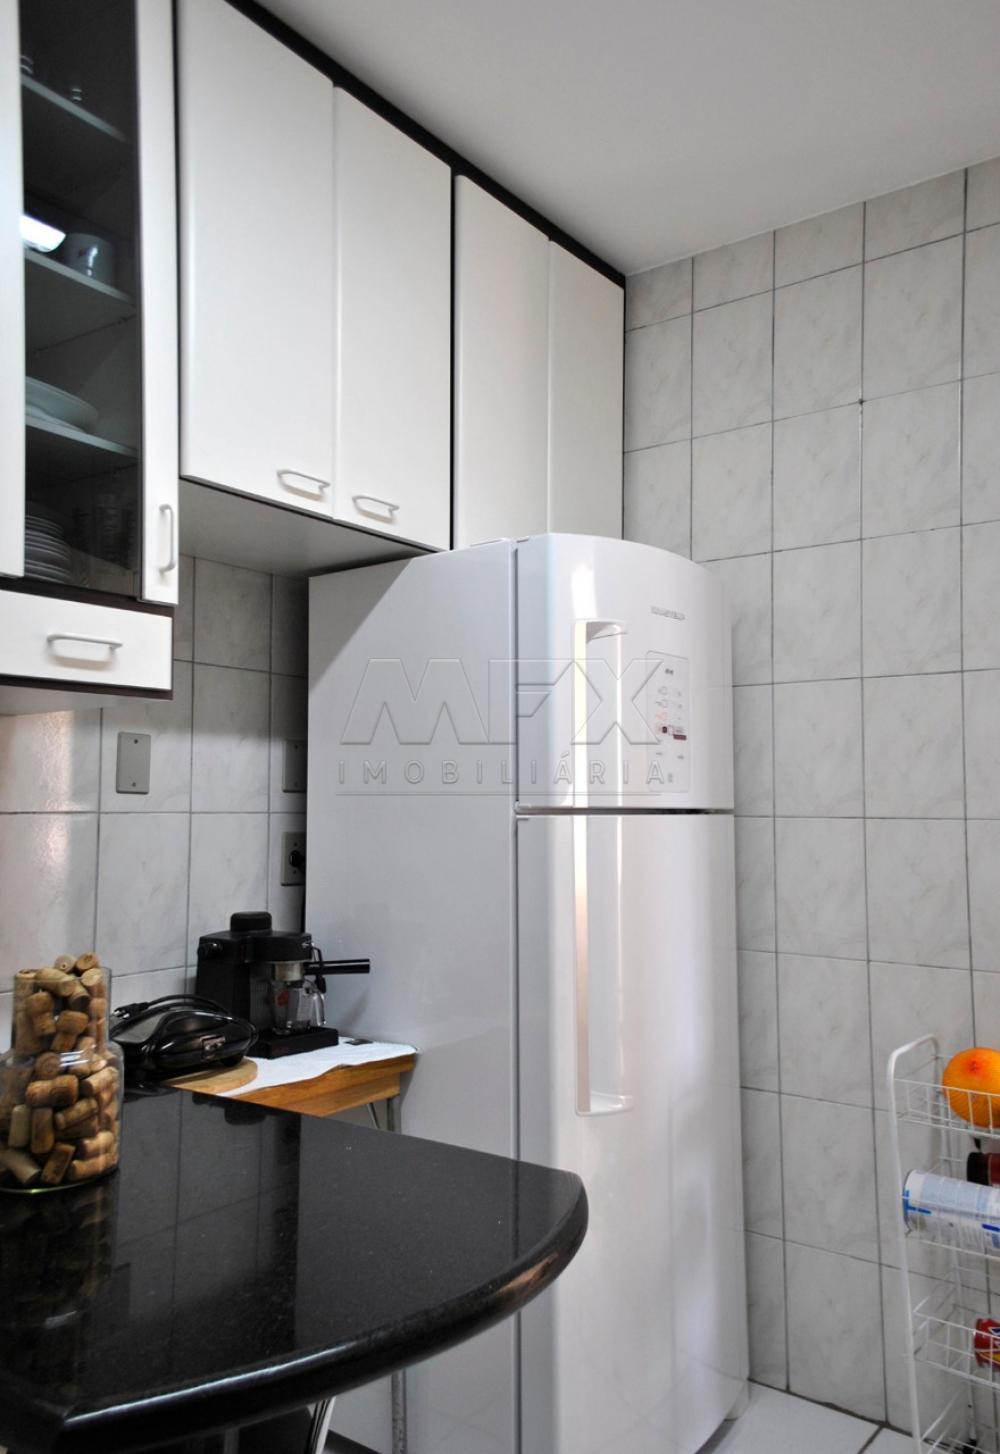 Comprar Apartamento / Padrão em Bauru R$ 320.000,00 - Foto 14